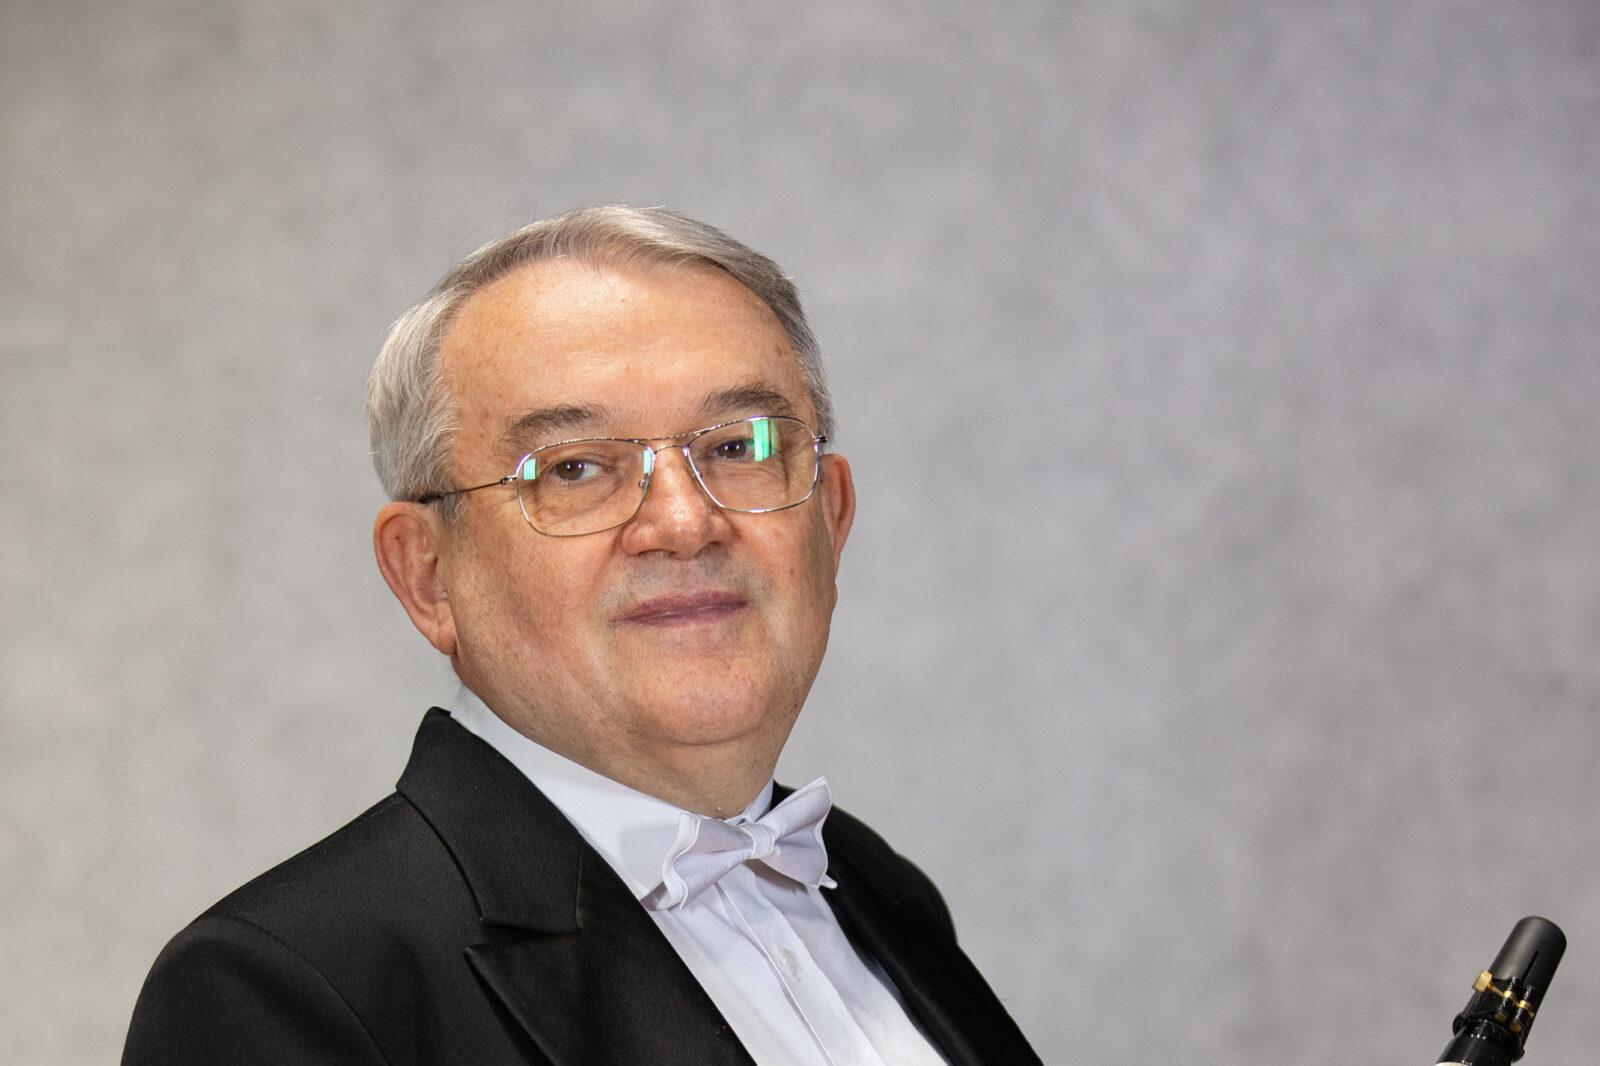 Zdjęcie Andrzeja Mazura z klarnetem